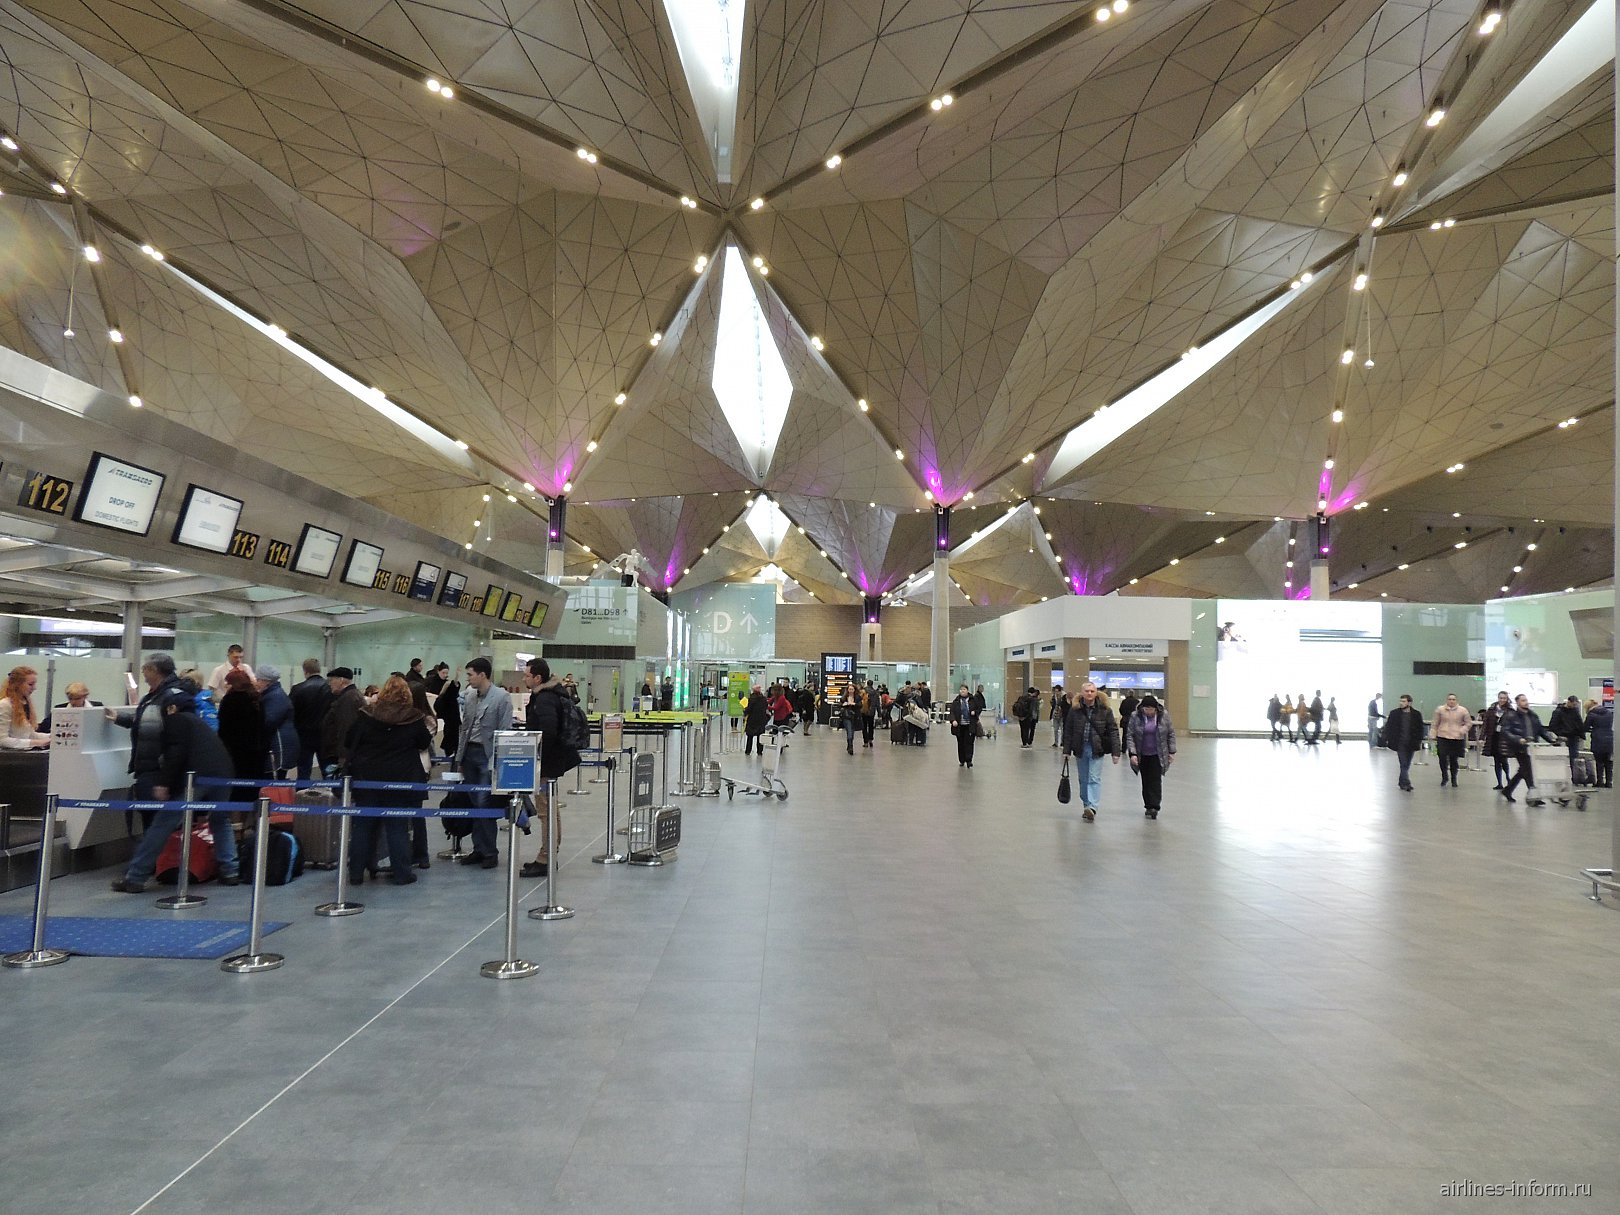 Сектор D зоны внутренних вылетов аэропорта Санкт-Петербург Пулково